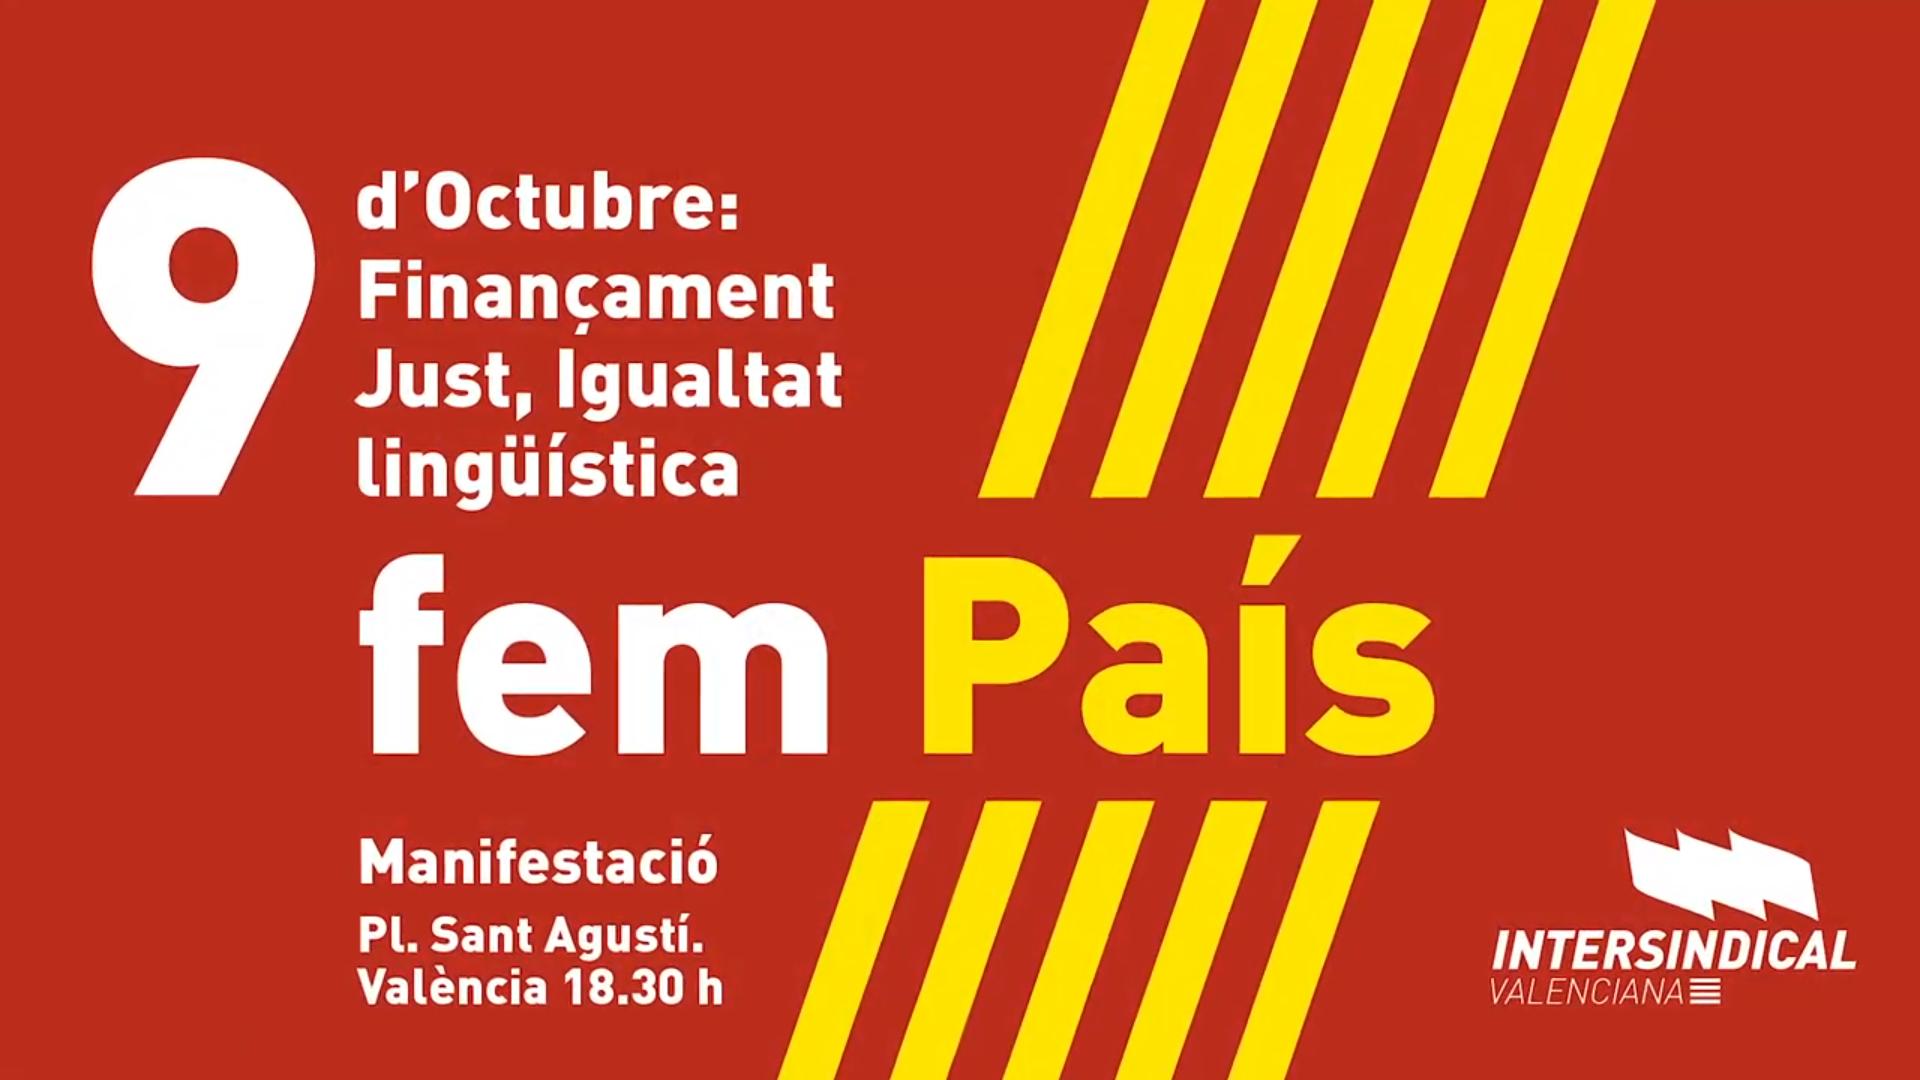 Manifestació 9 d'octubre 'Finançament just, Igualtat lingüística'